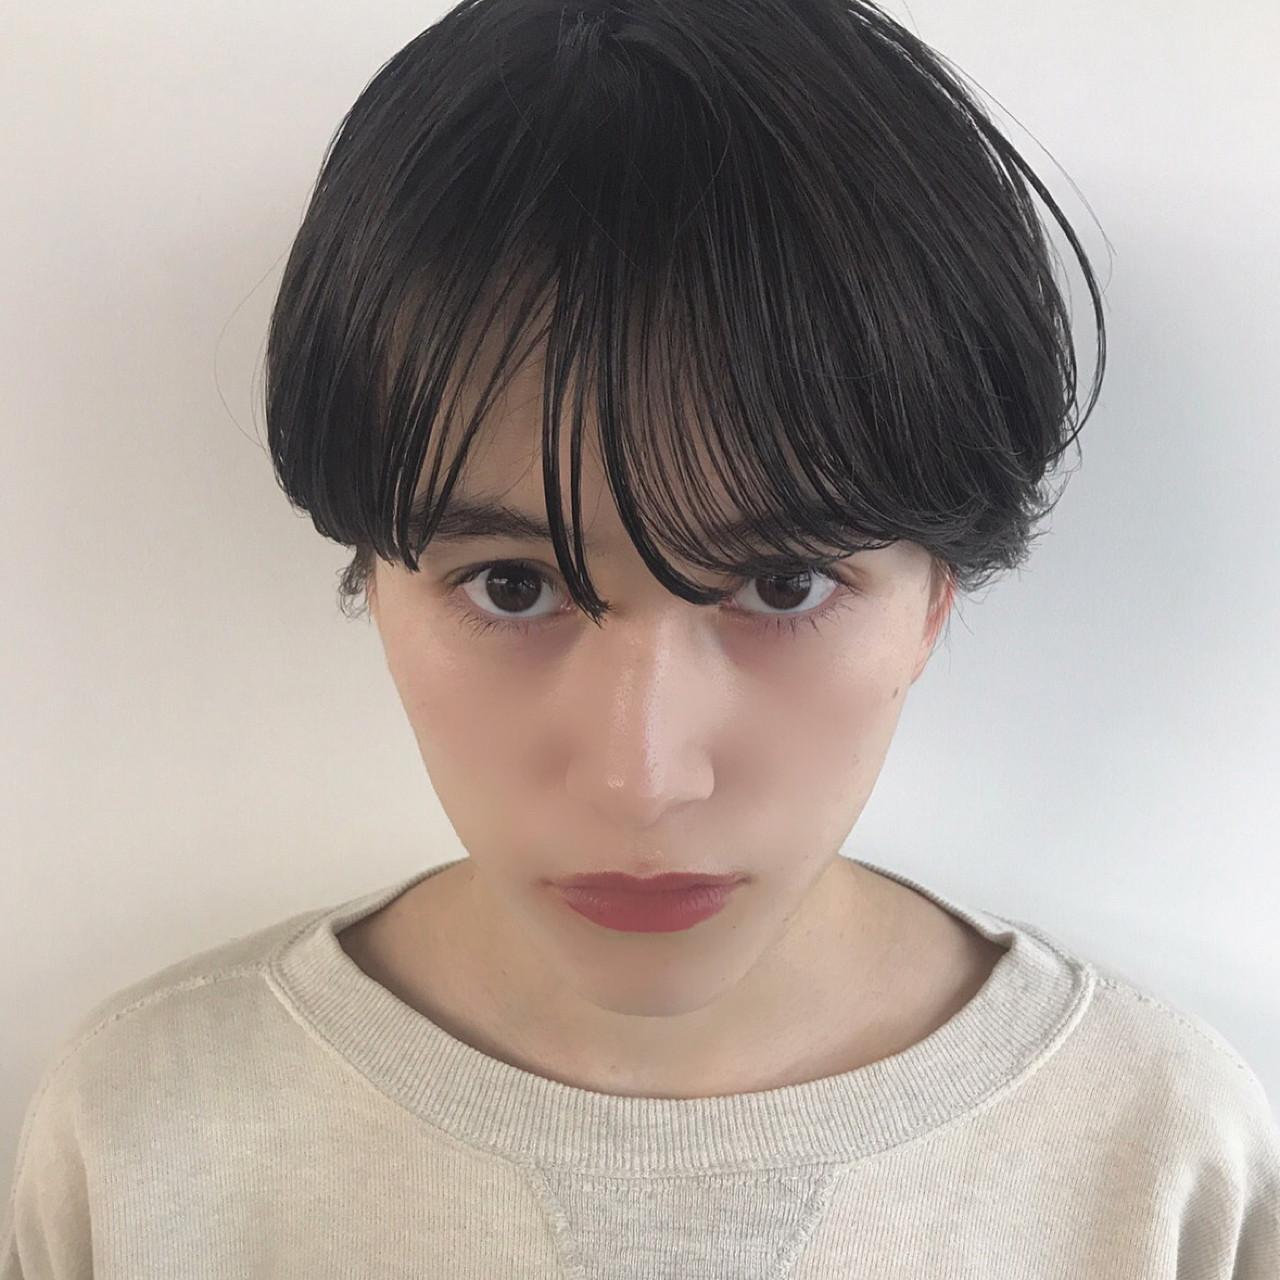 大人女子 ナチュラル 前髪パーマ 前髪ありヘアスタイルや髪型の写真・画像